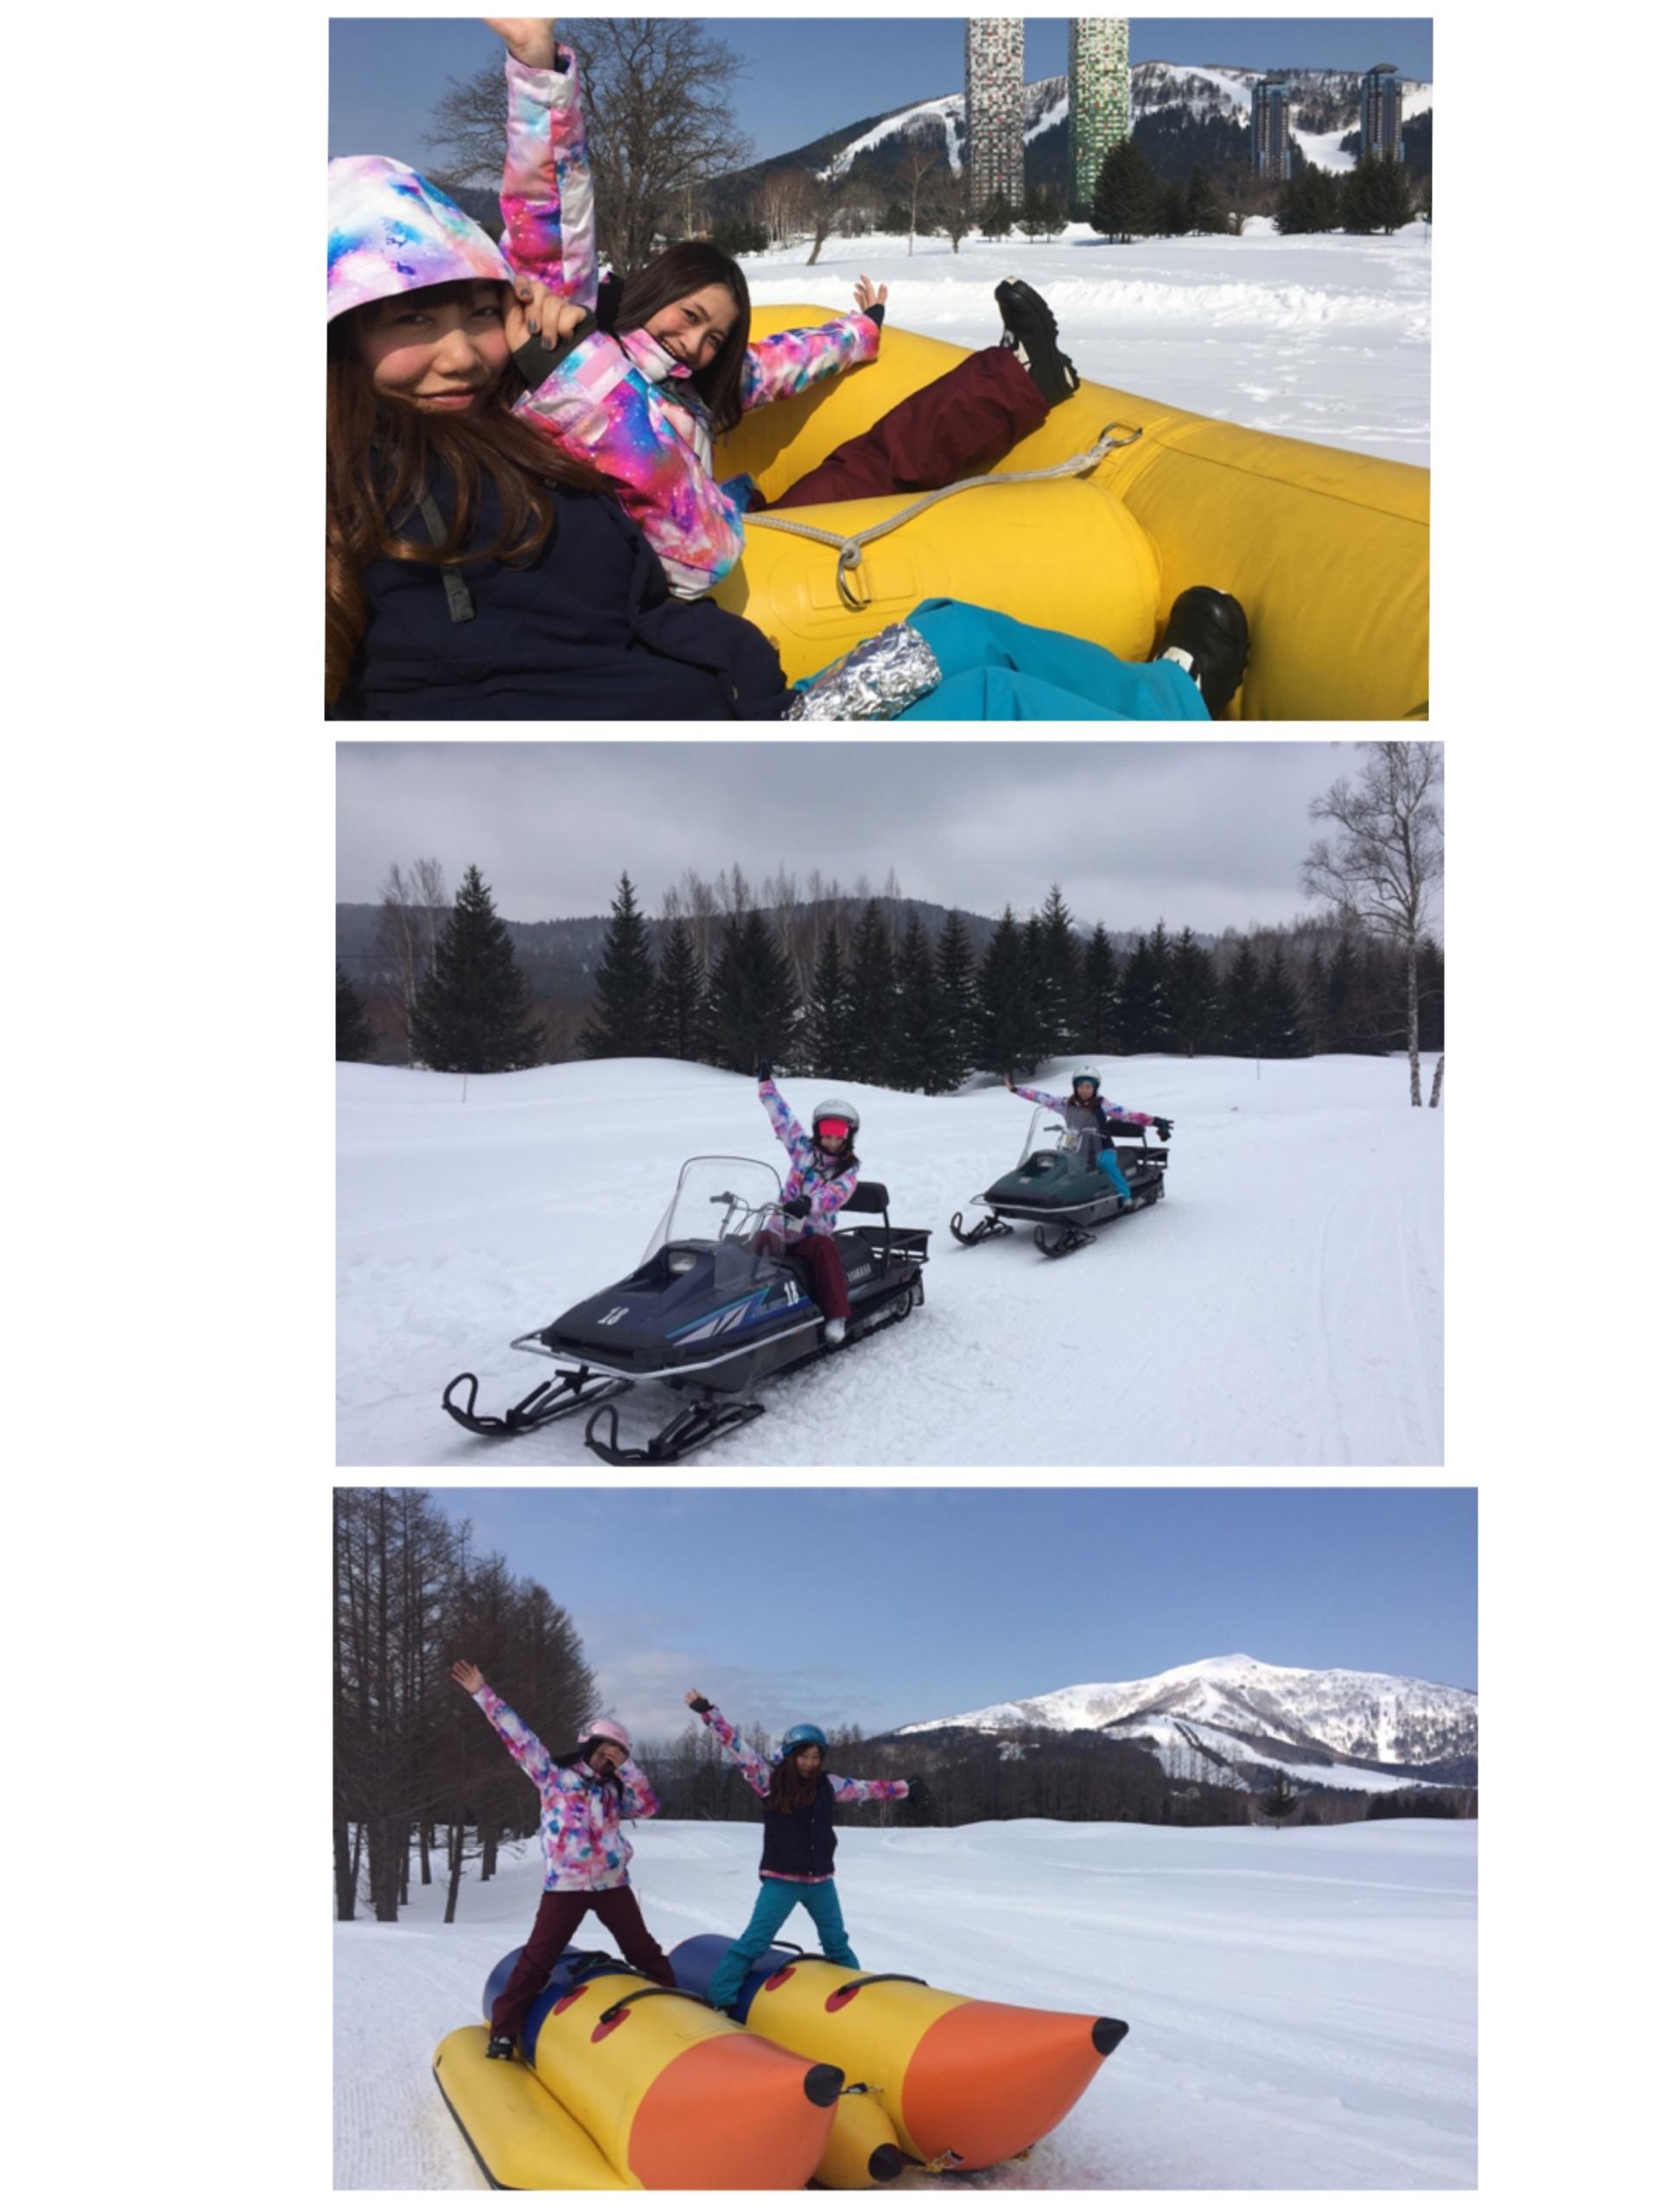 スノボもスキーも出来なくても楽しめる! 「星野リゾート リゾナーレトマム」の『雪ガールステイ』で知った冬山の新しい楽しみ方♡_5